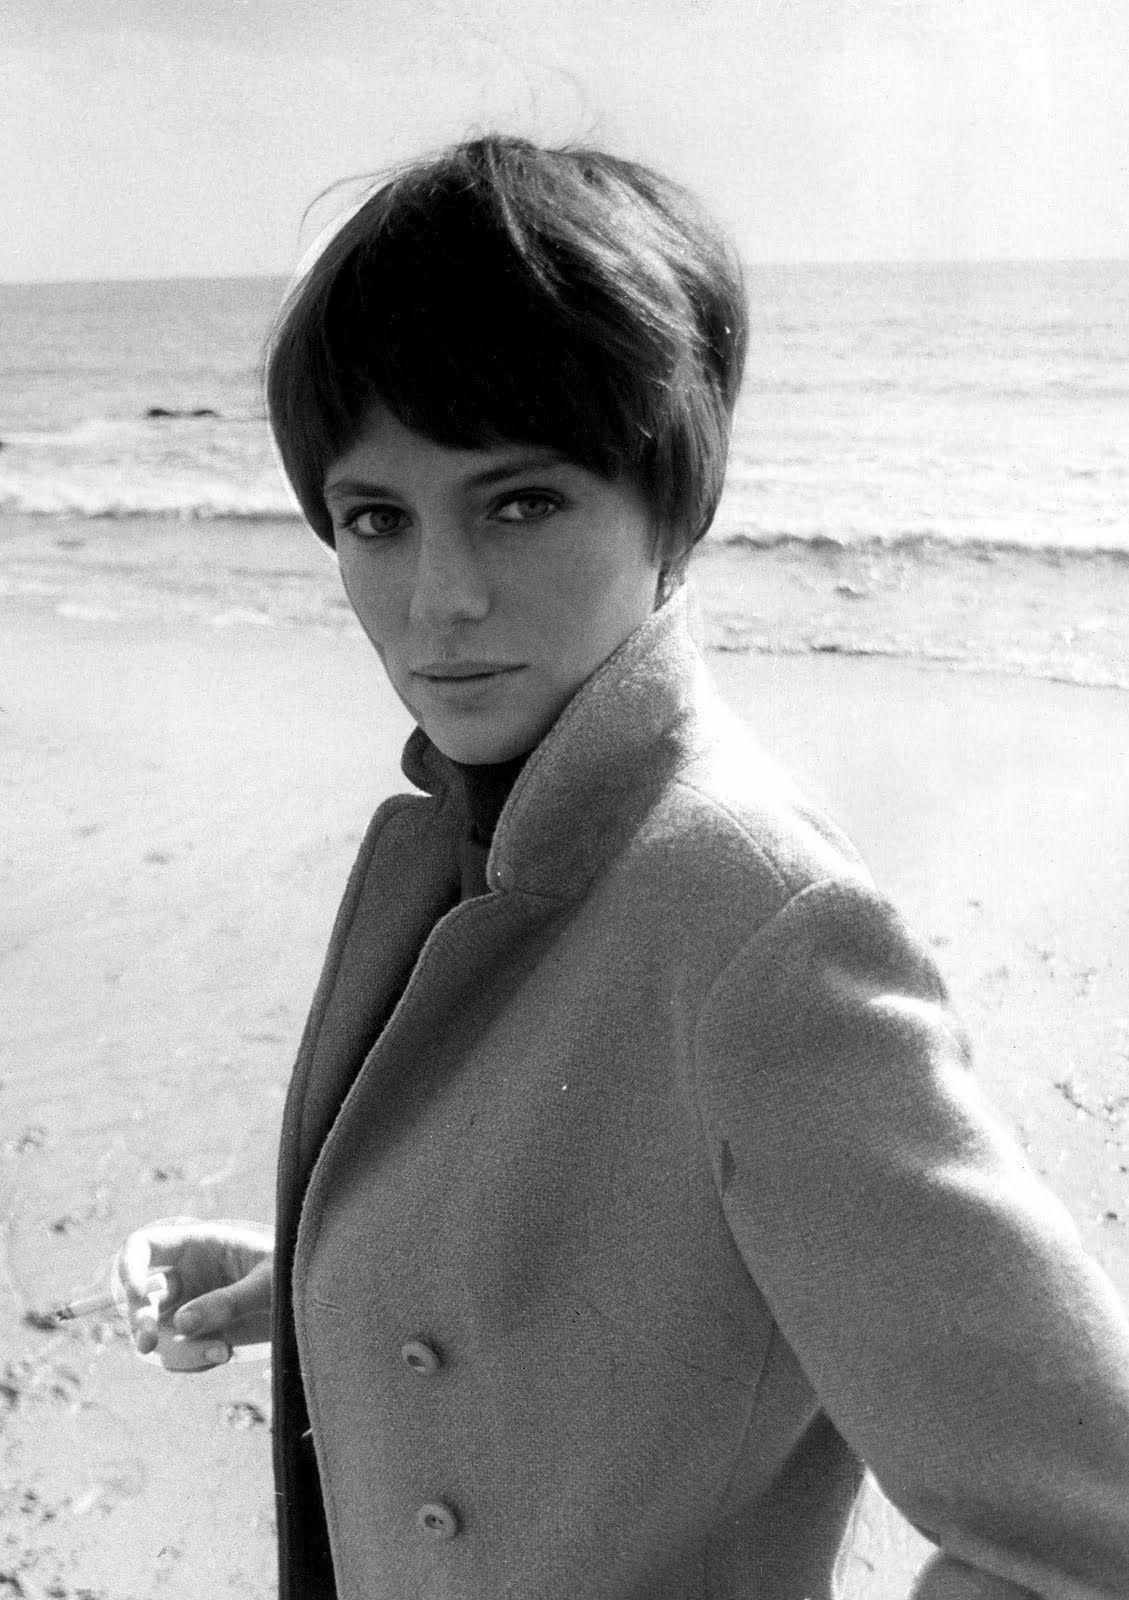 Jacqueline Bisset (born 1944) nude photos 2019